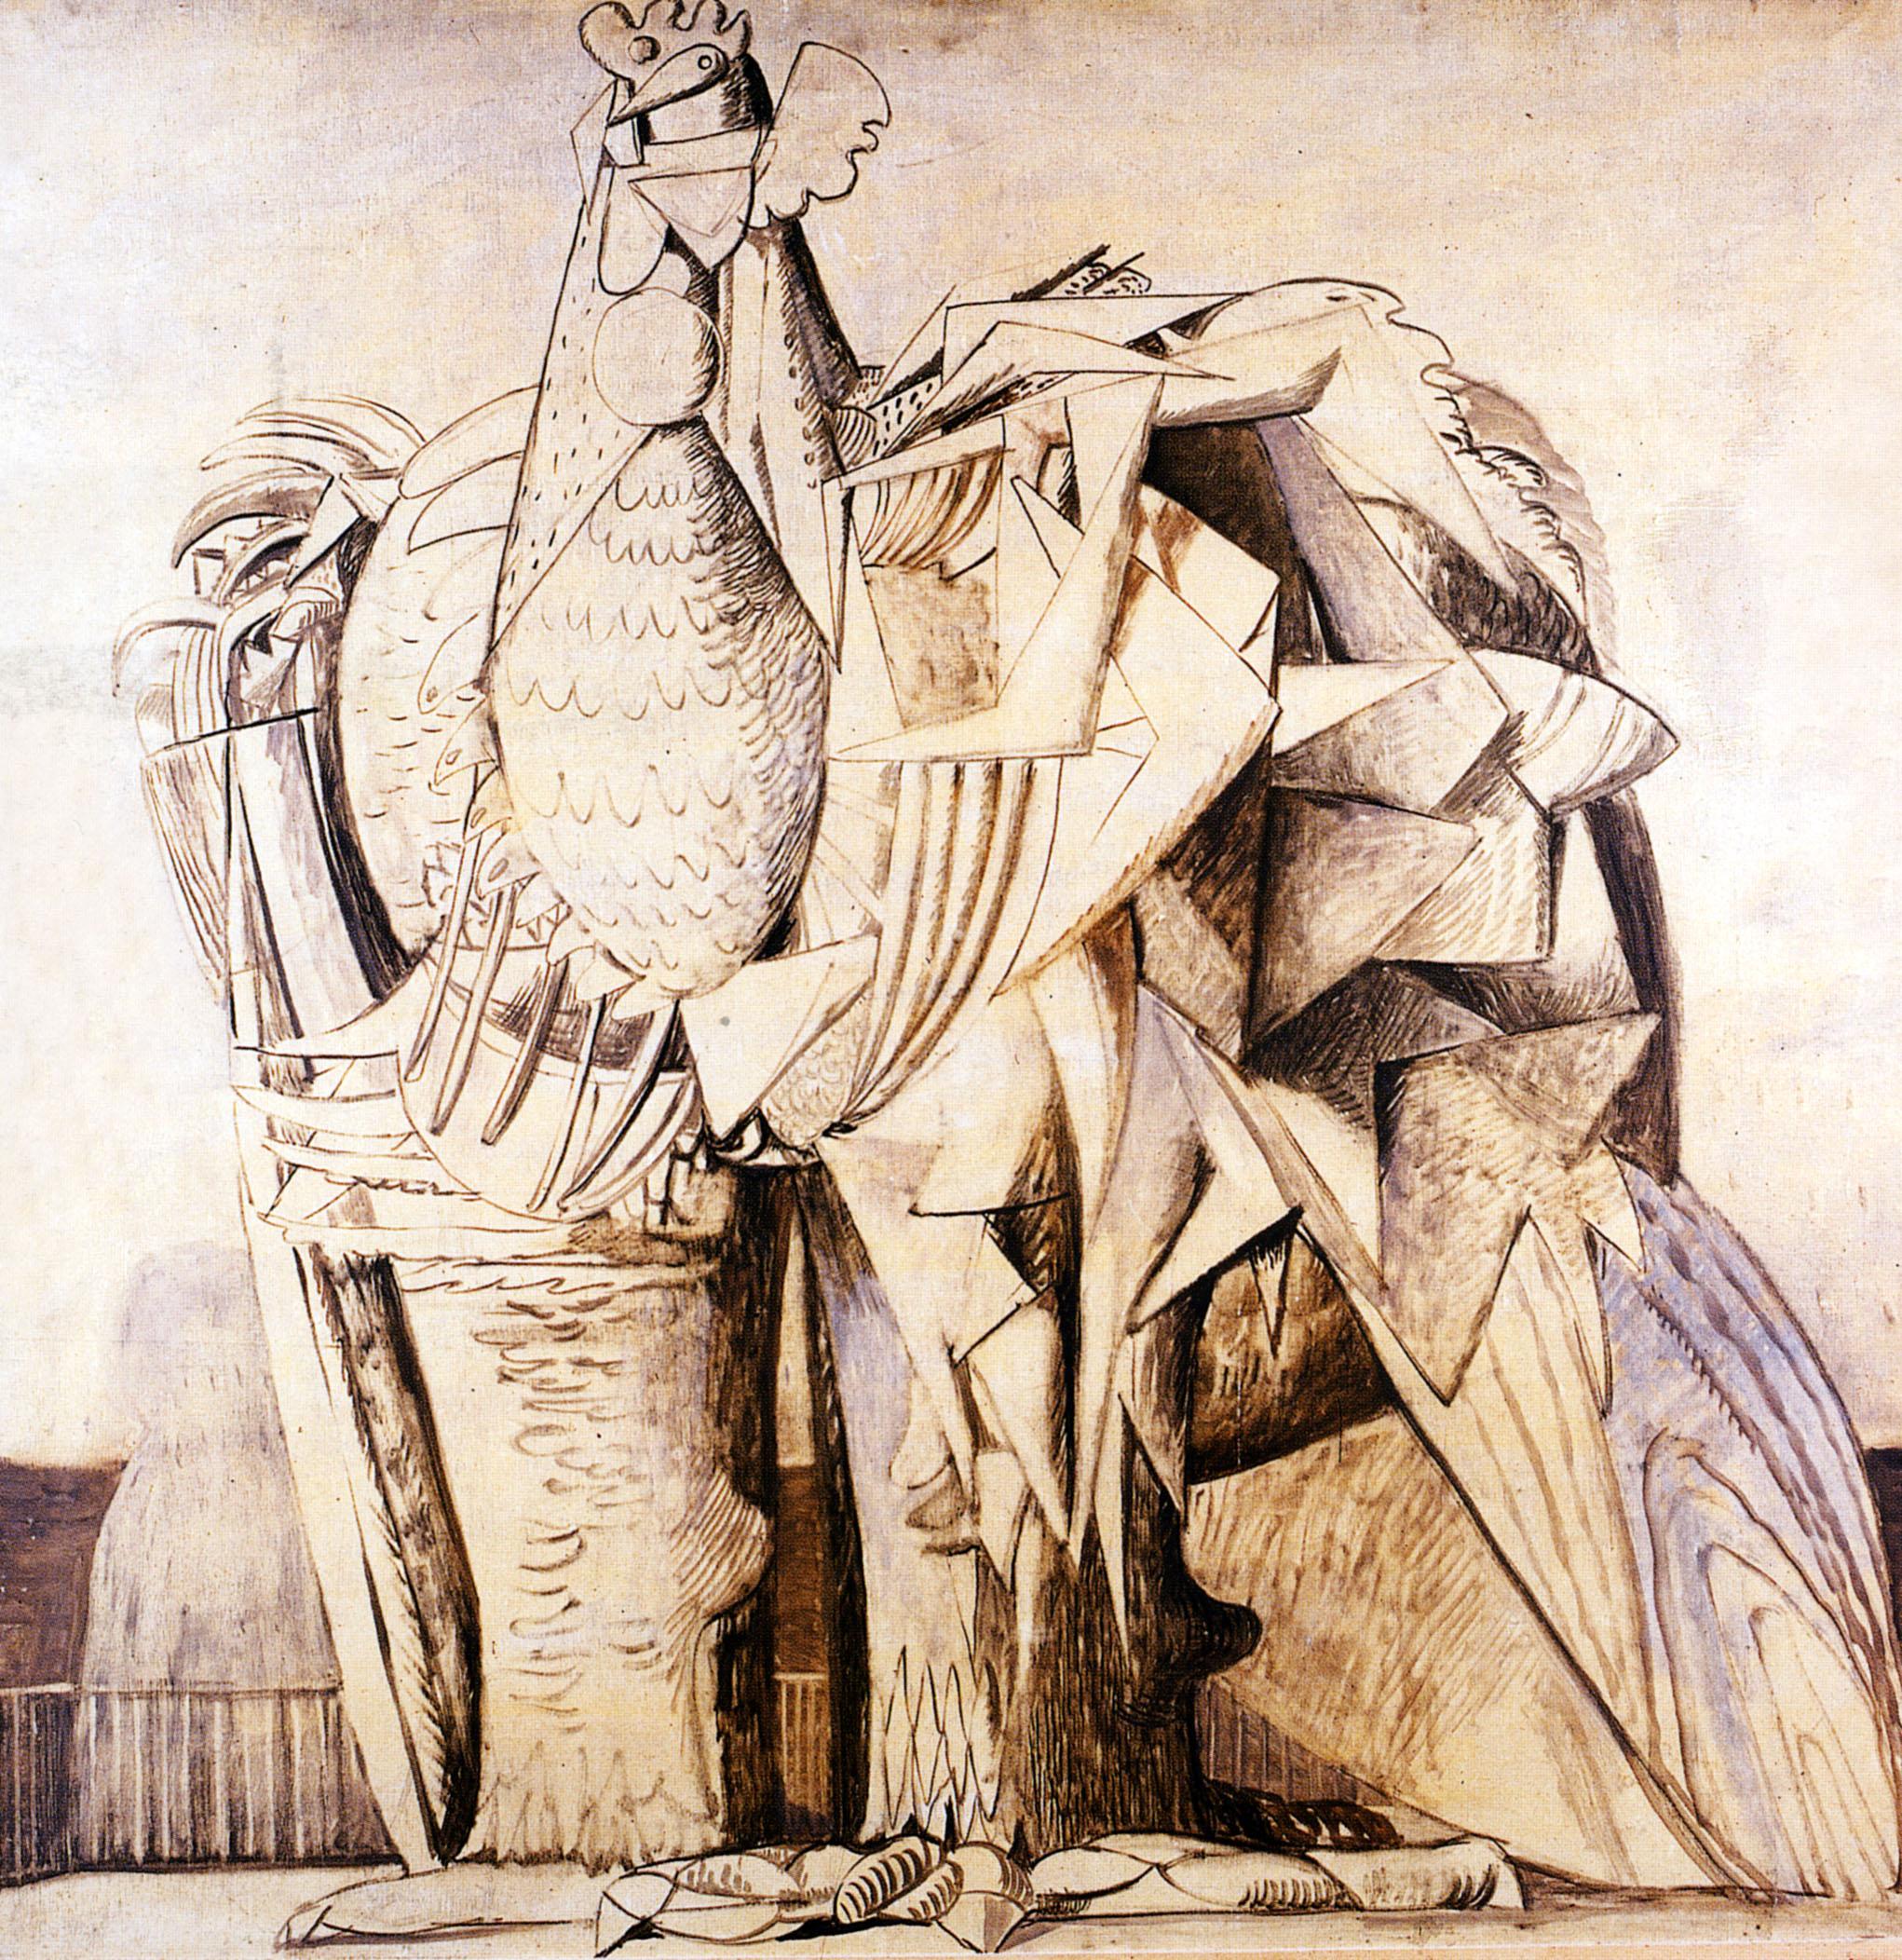 mostre a Milano, Salvatore Fiume, Gallo di ferro, 1958, olio su tela, cm 119 x 121